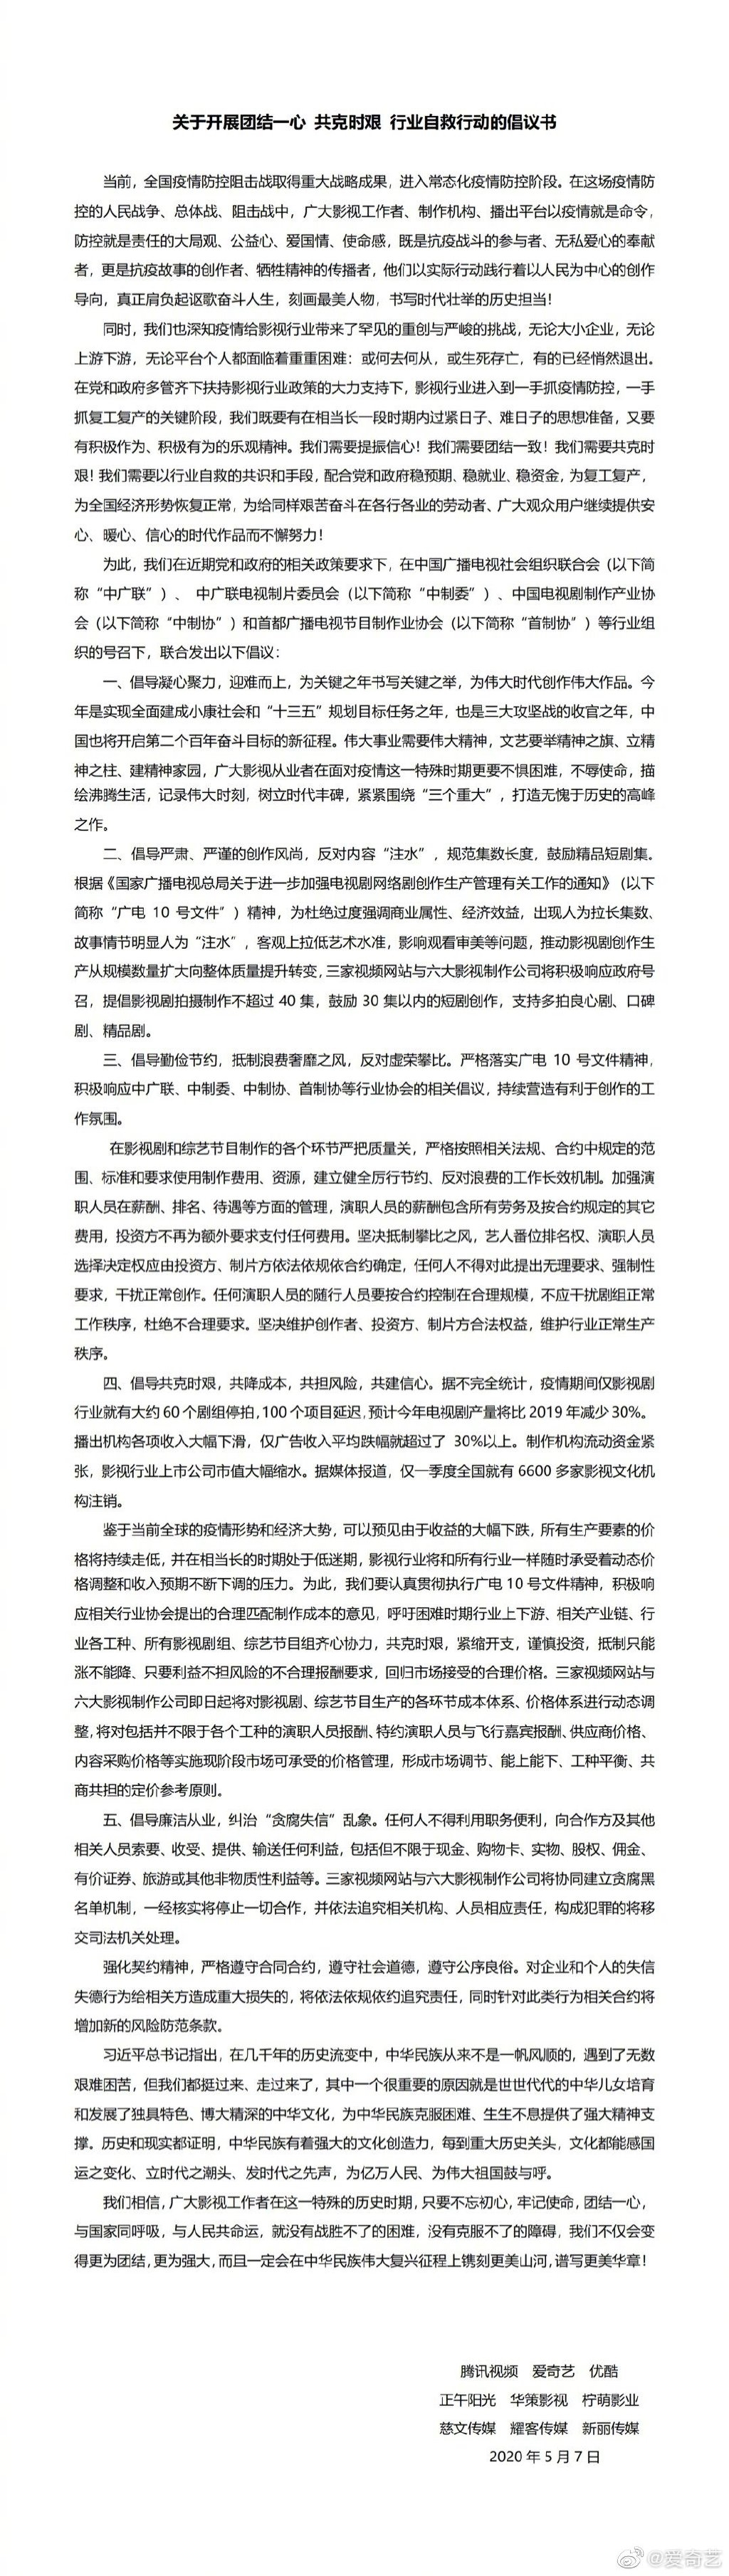 腾讯爱奇艺优酷齐发声:反对内容注水 抵制奢靡之风